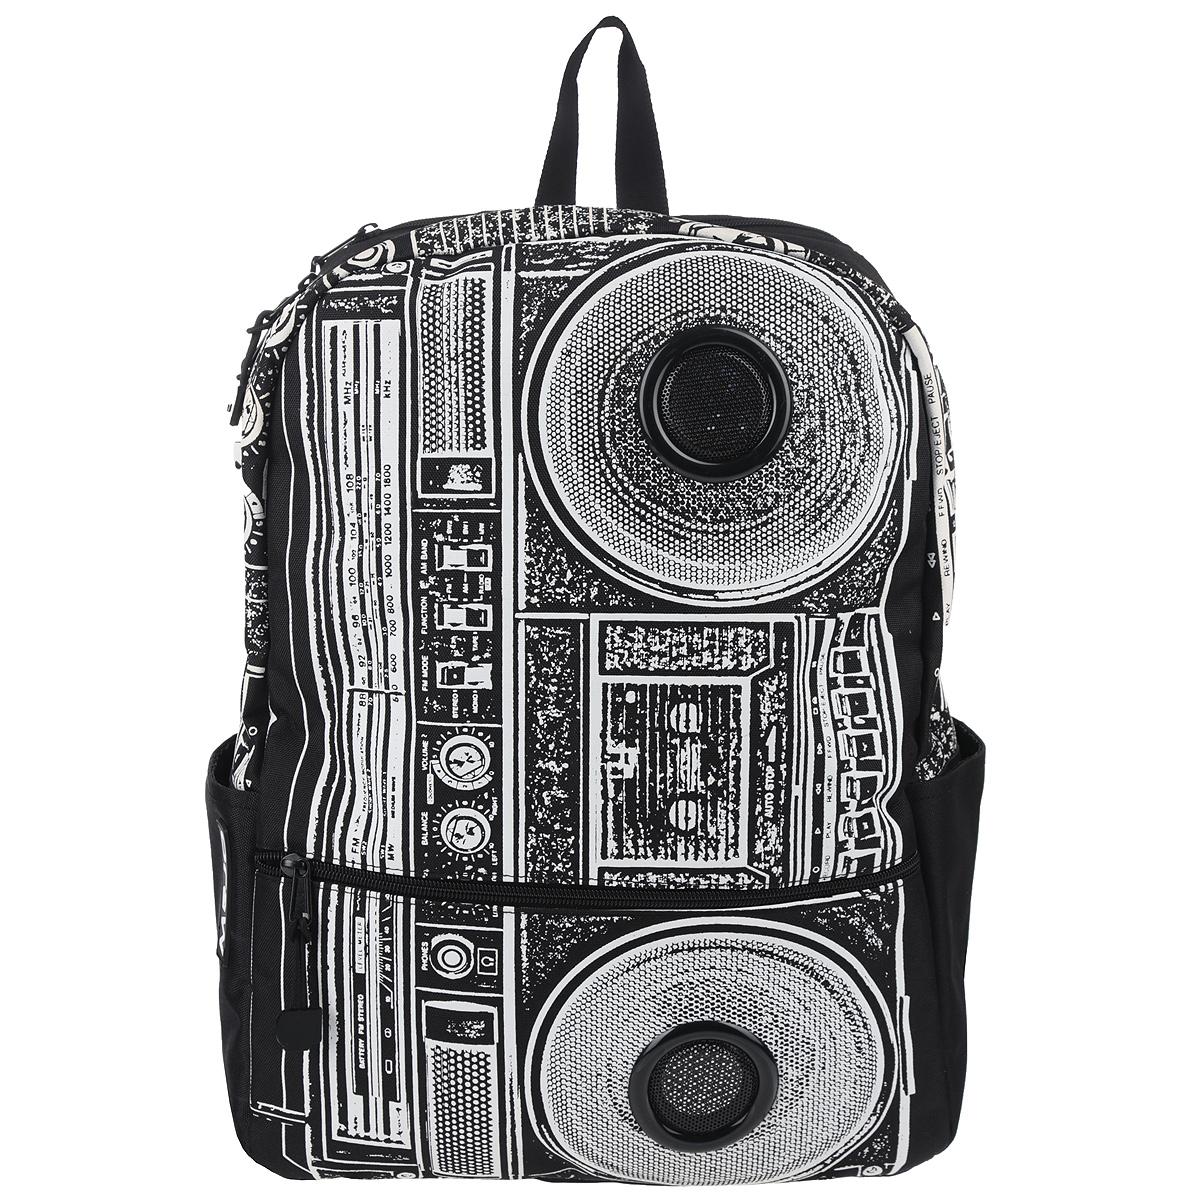 Рюкзак Mojo Pax Boombox, с динамиками, цвет: черный, белый. KZ9983489 mojo pax mojo pax рюкзак black dragon черный